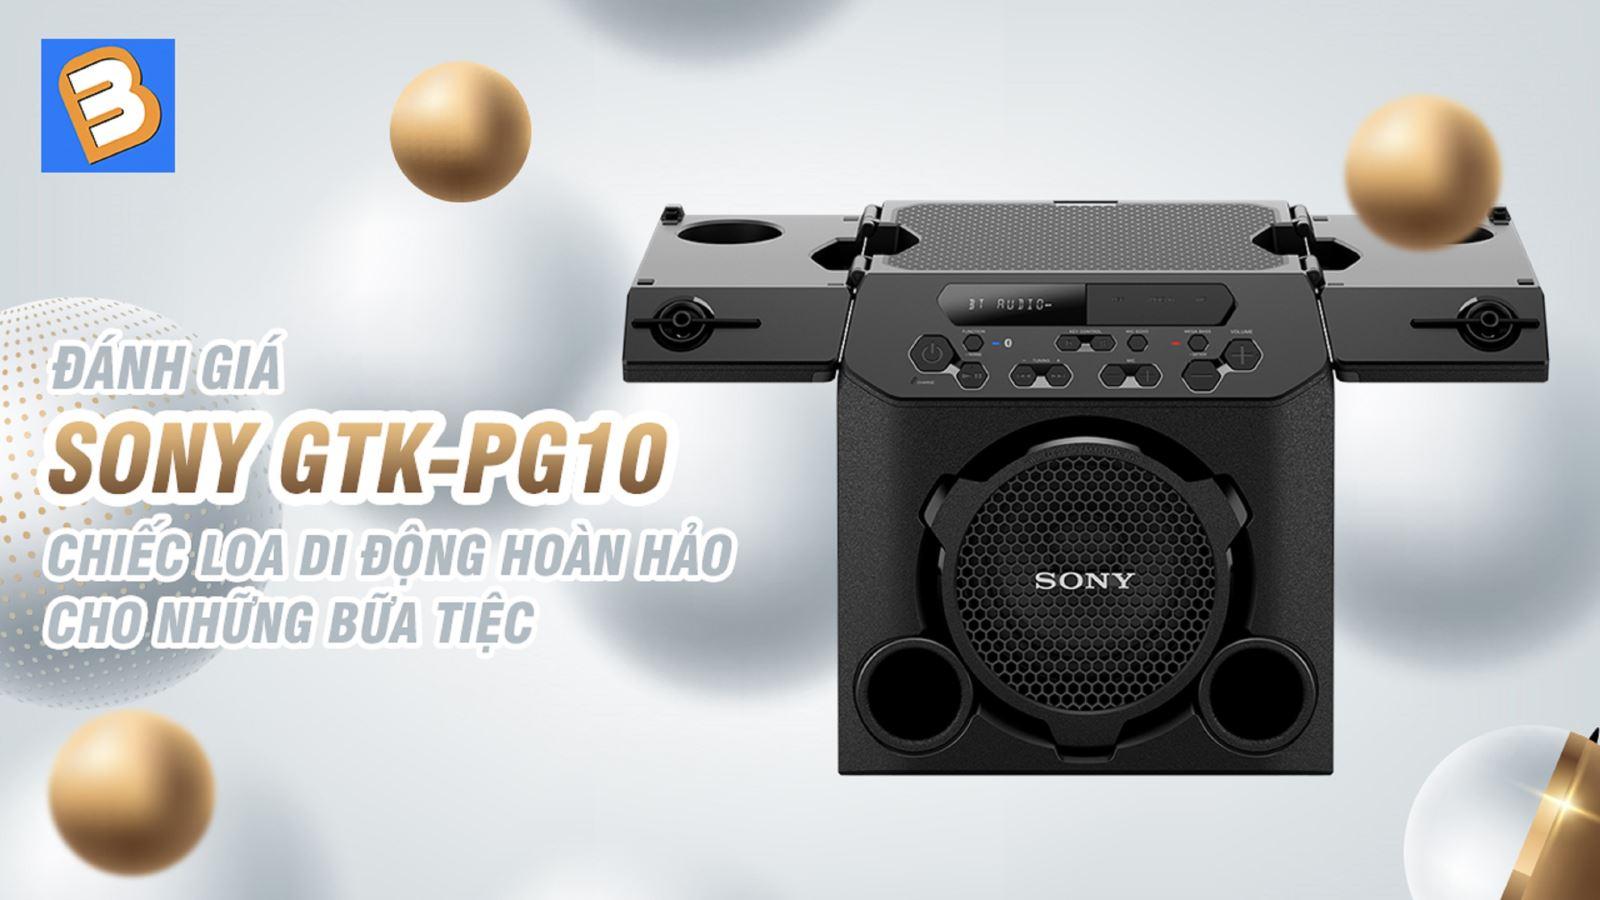 Đánh giá Sony GTK-PG10 - Chiếc loa di động hoàn hảo cho những bữa tiệc